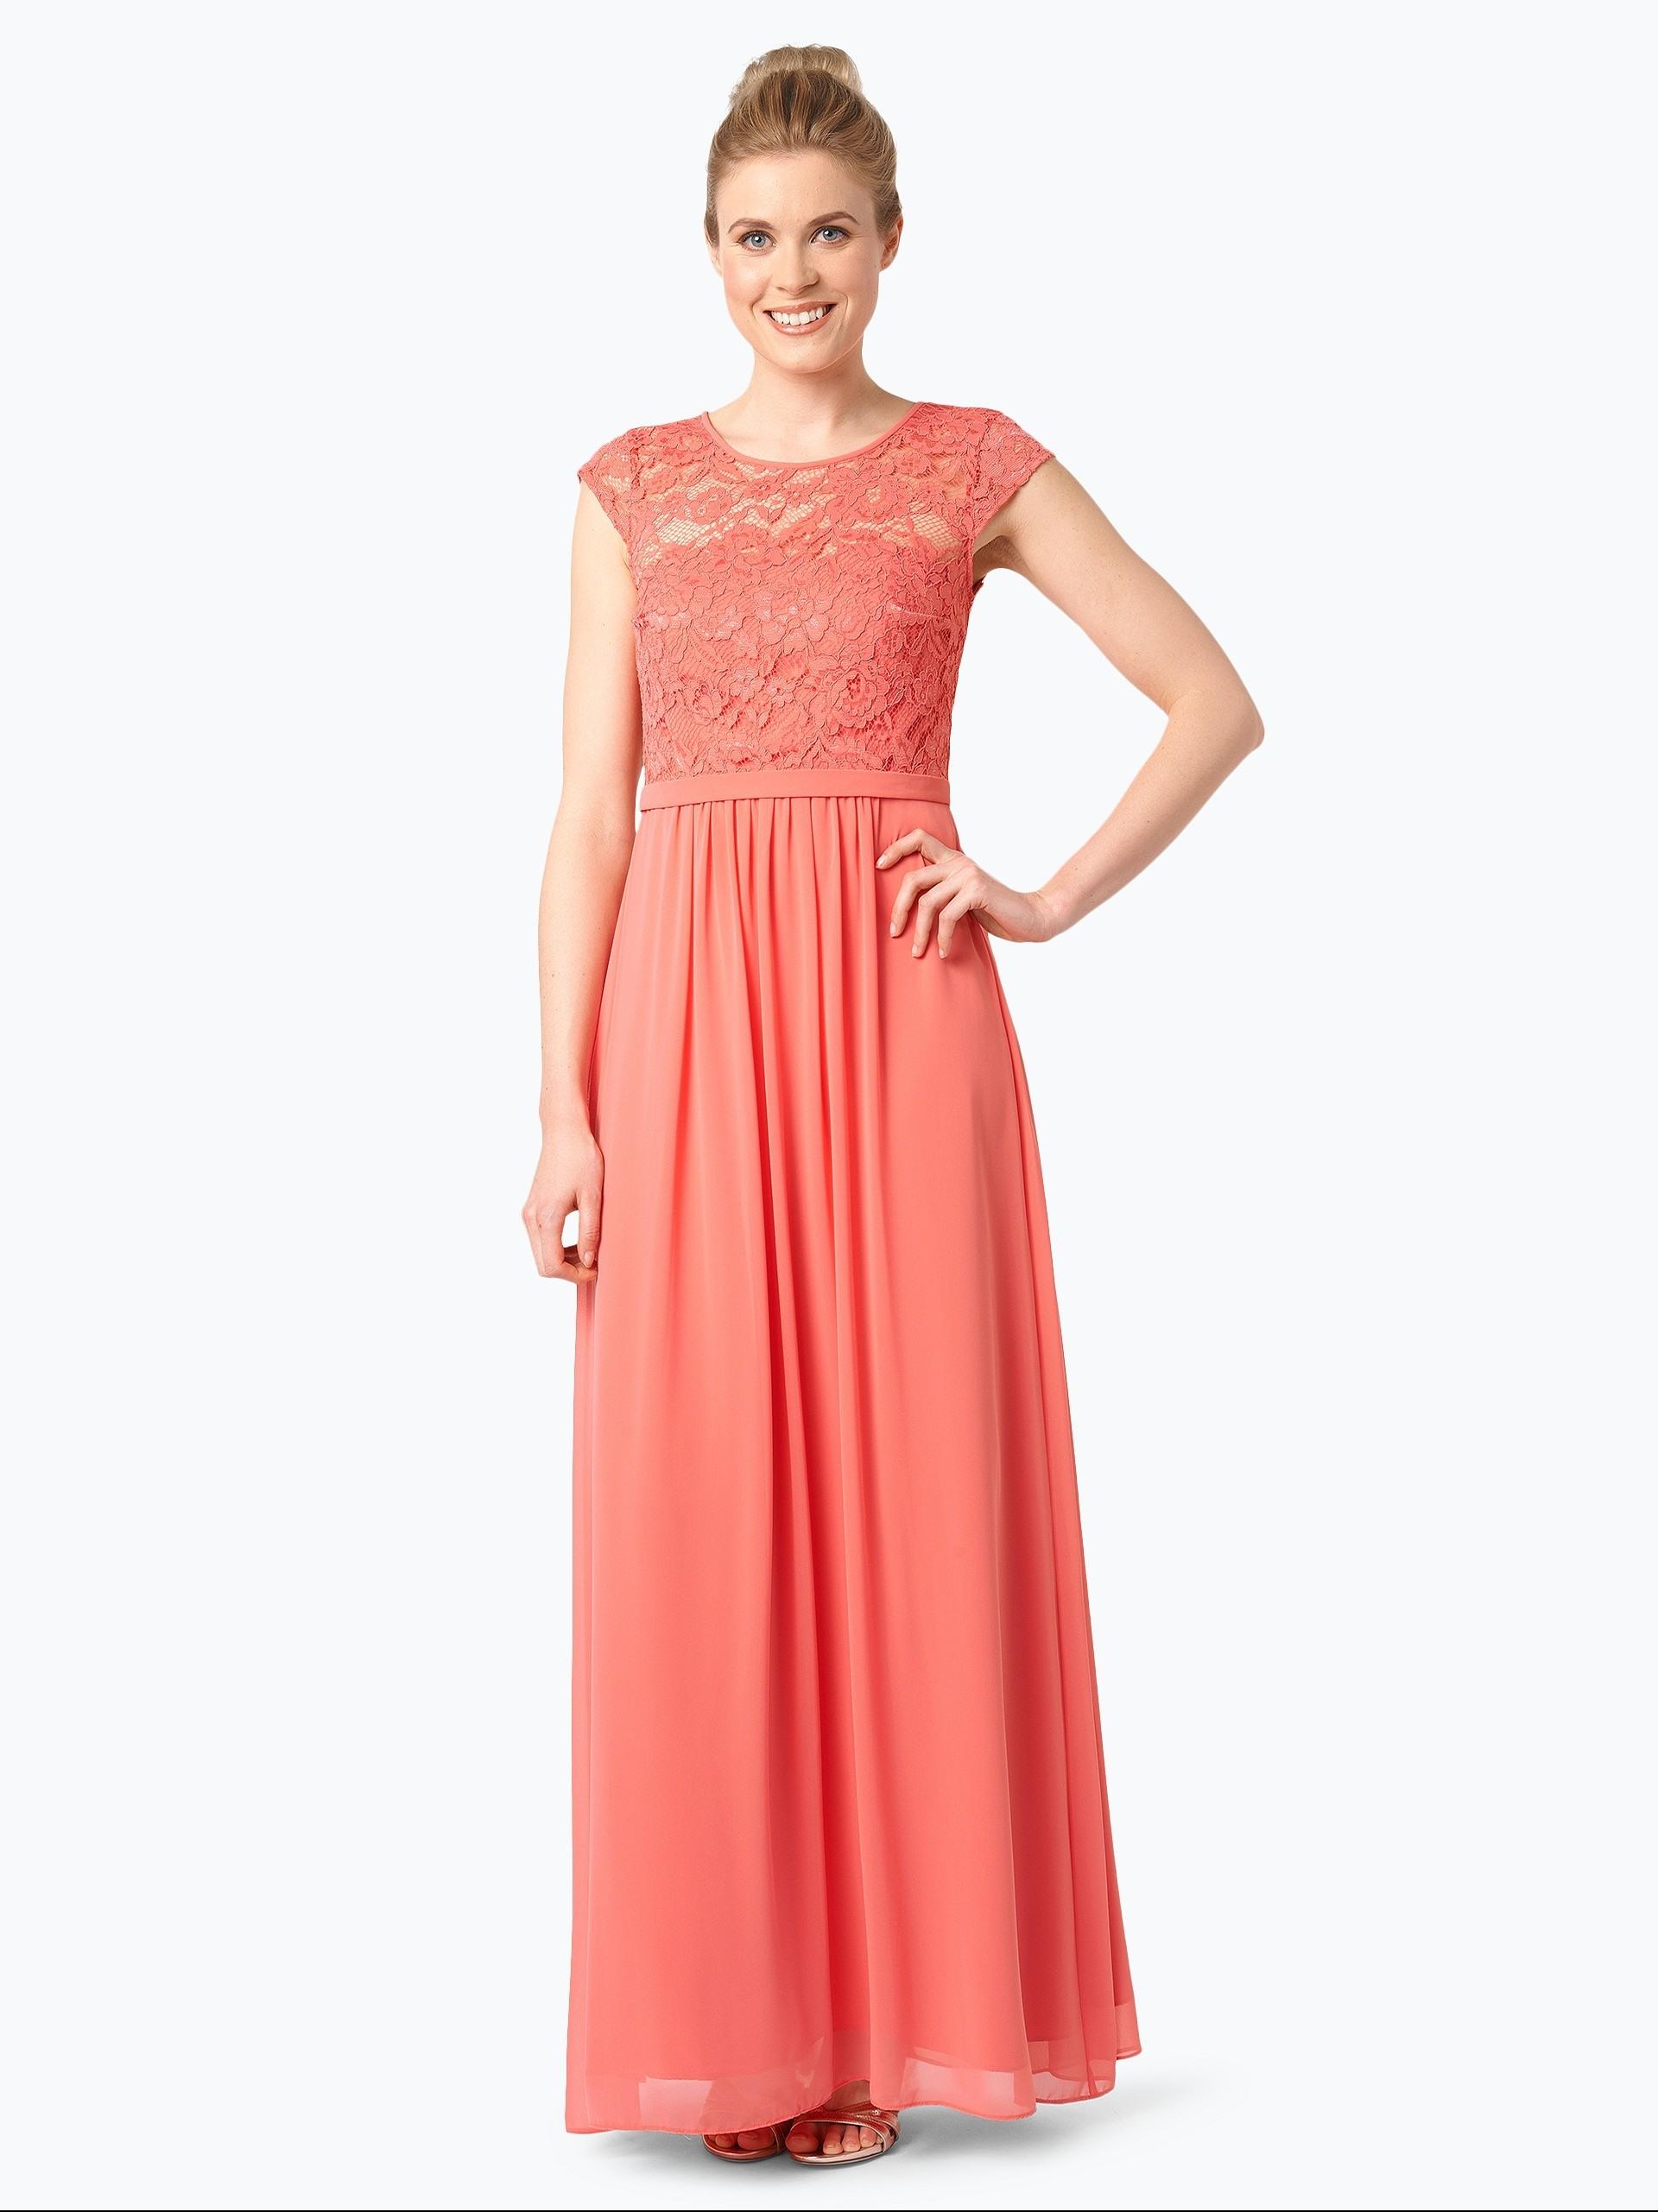 13 Leicht Abendkleider Bestellen Spezialgebiet15 Leicht Abendkleider Bestellen für 2019